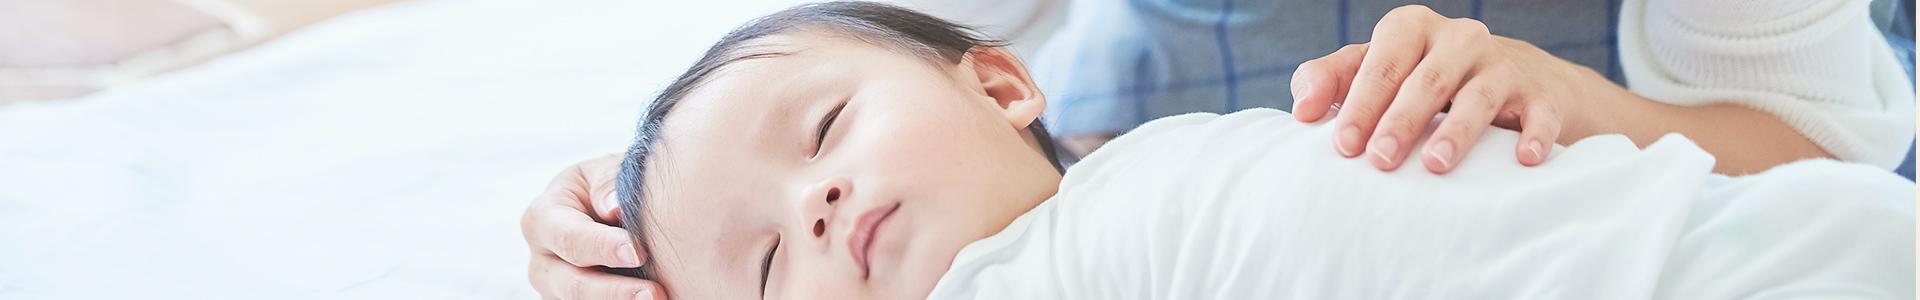 写真:幼児イメージ